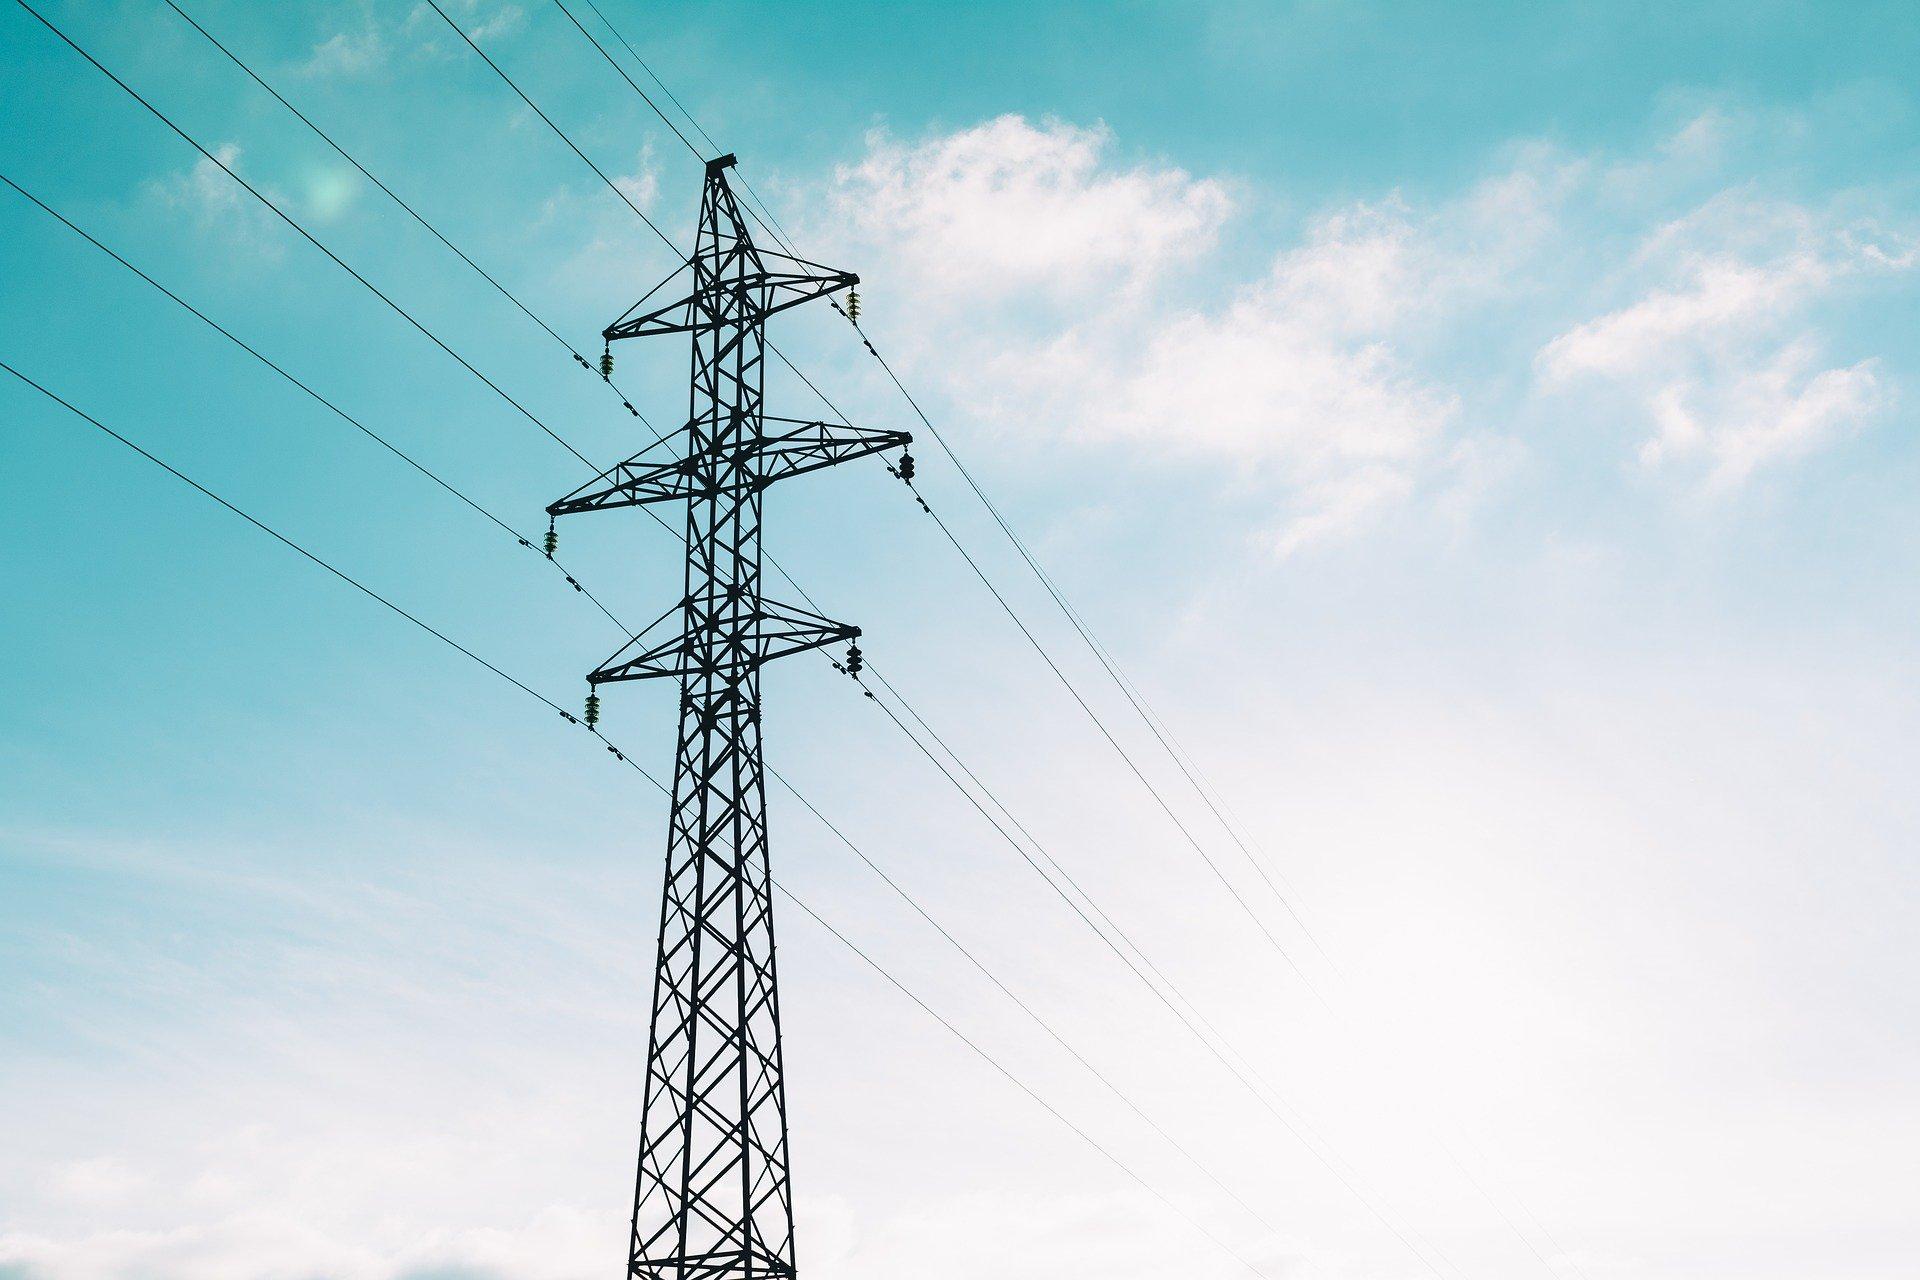 (Ministro de Minas e Energia falou a jornalistas sobre expectativas econômicas do governo com a capitalização da empresa que é responsável por um terço da energia do país. Foto: Reprodução/Pixabay)